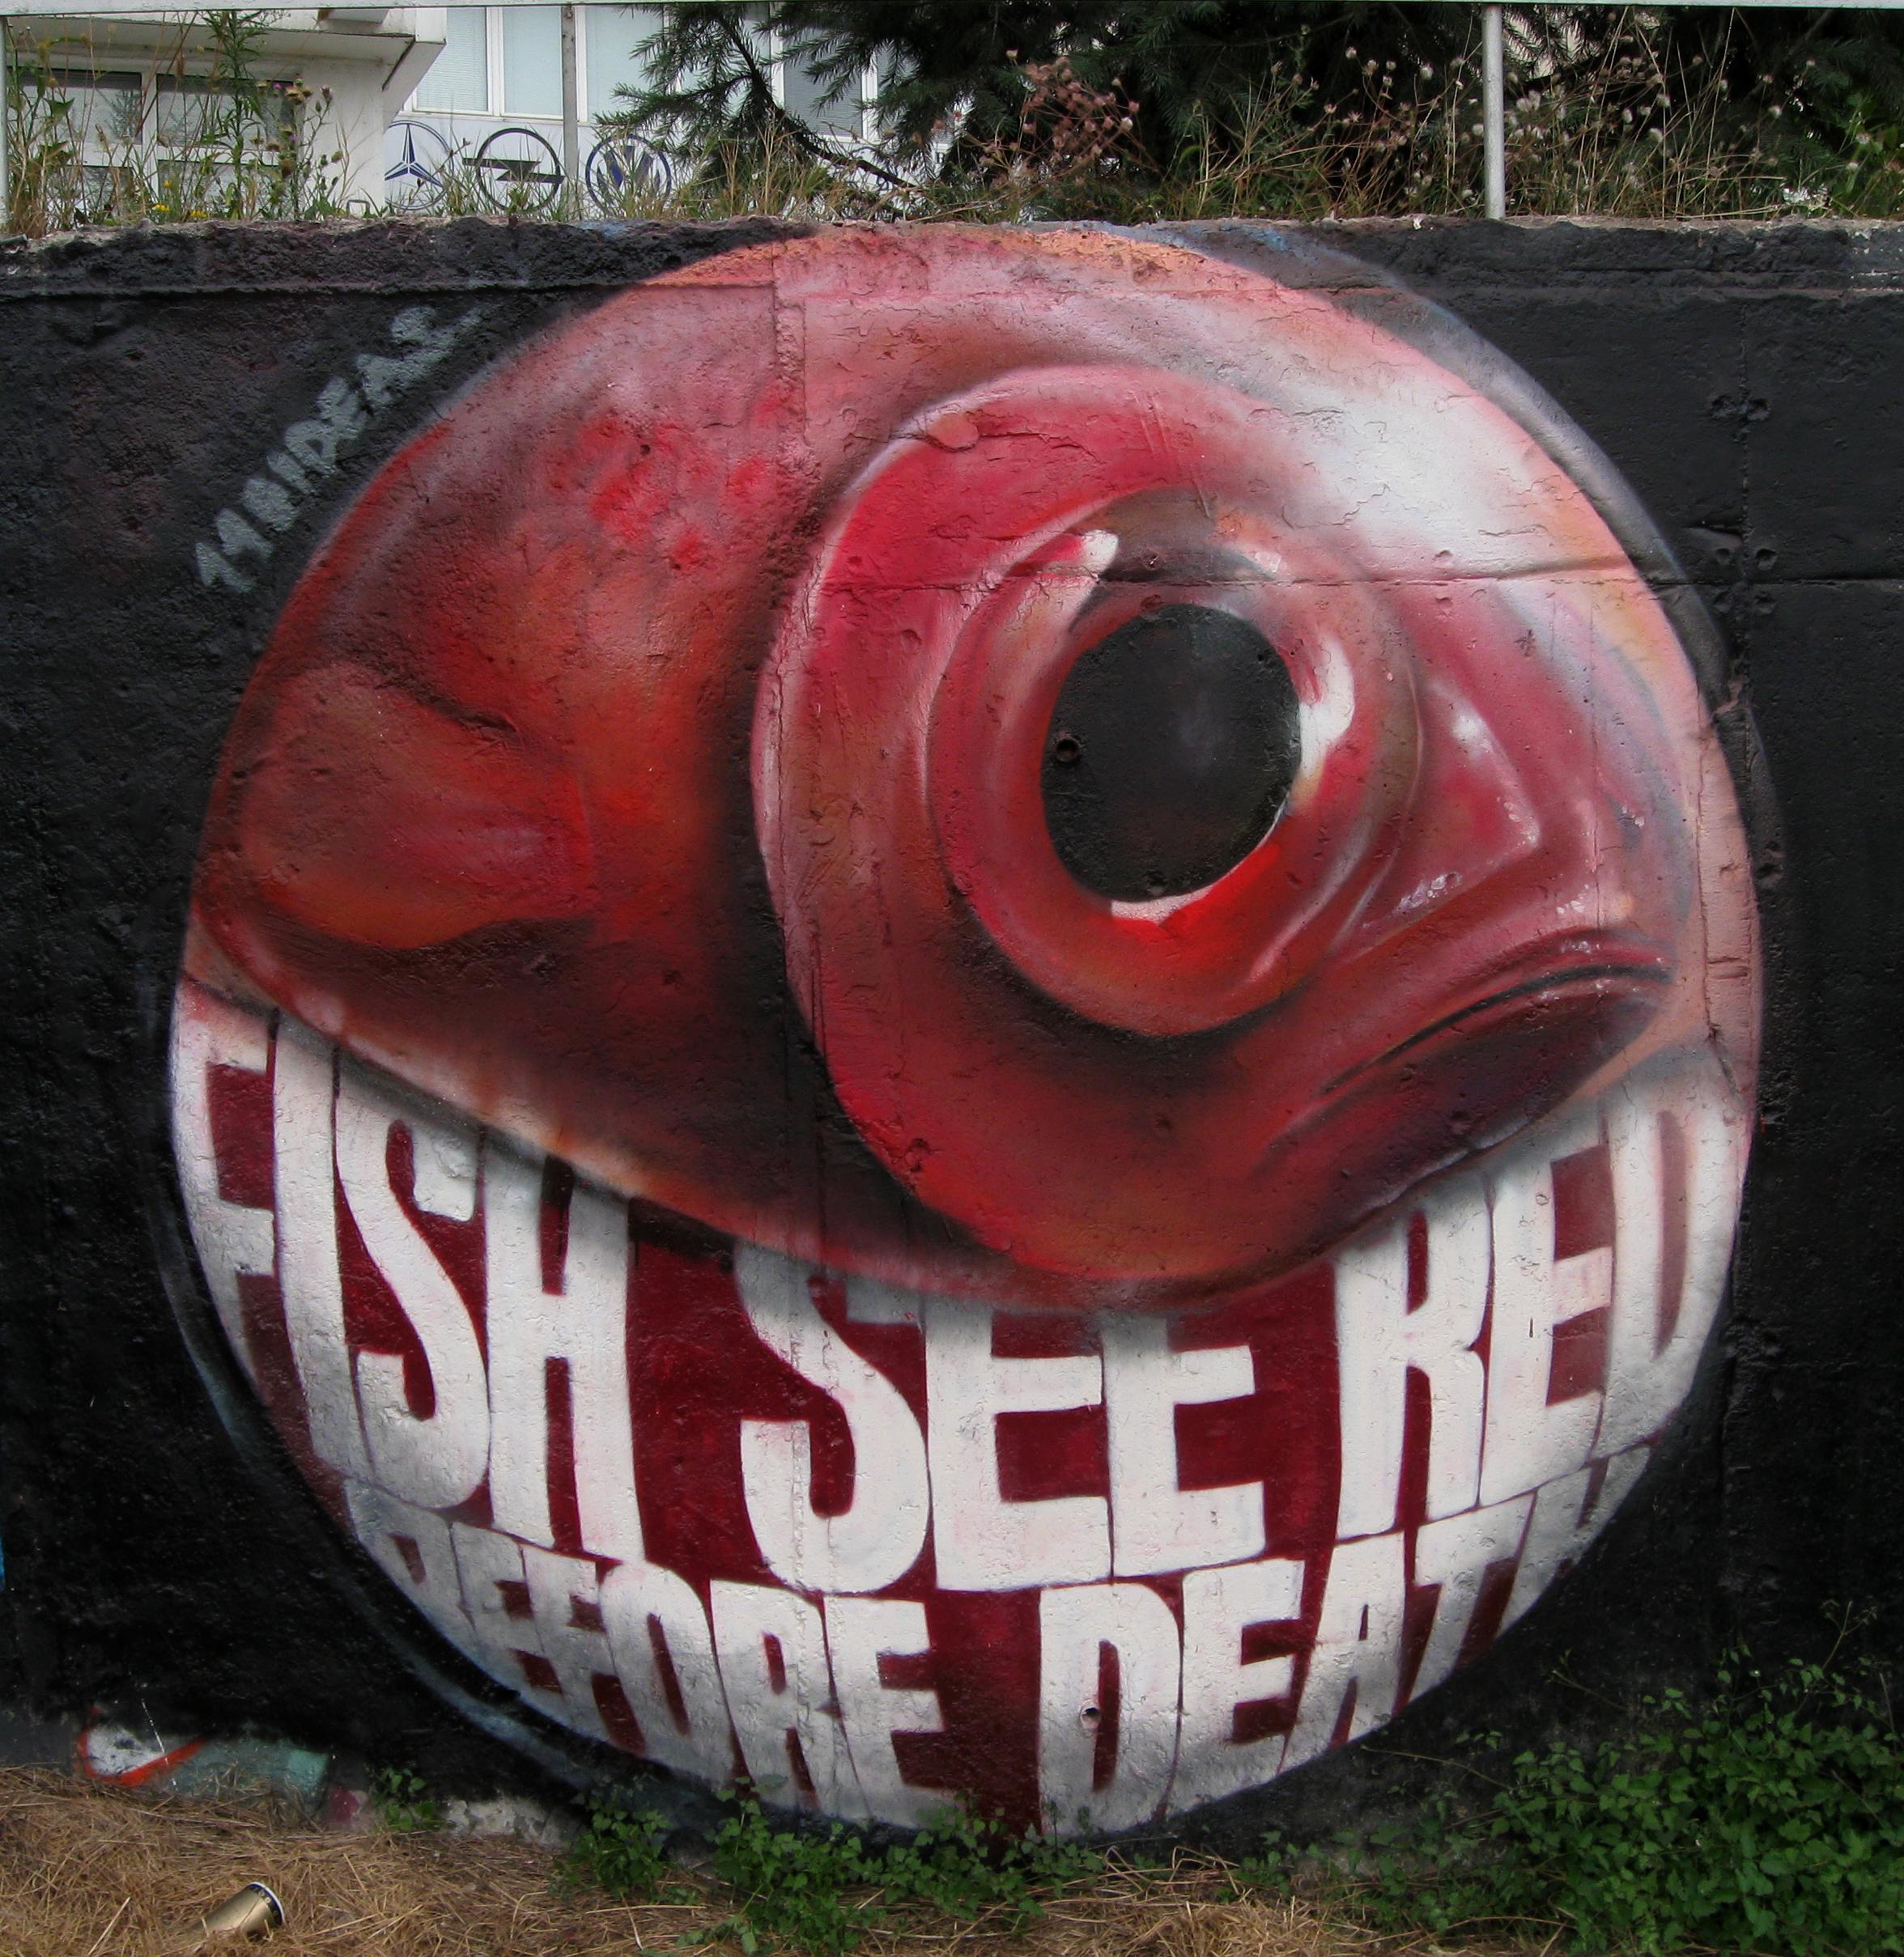 140ideas_FishSeeRed_sofia08